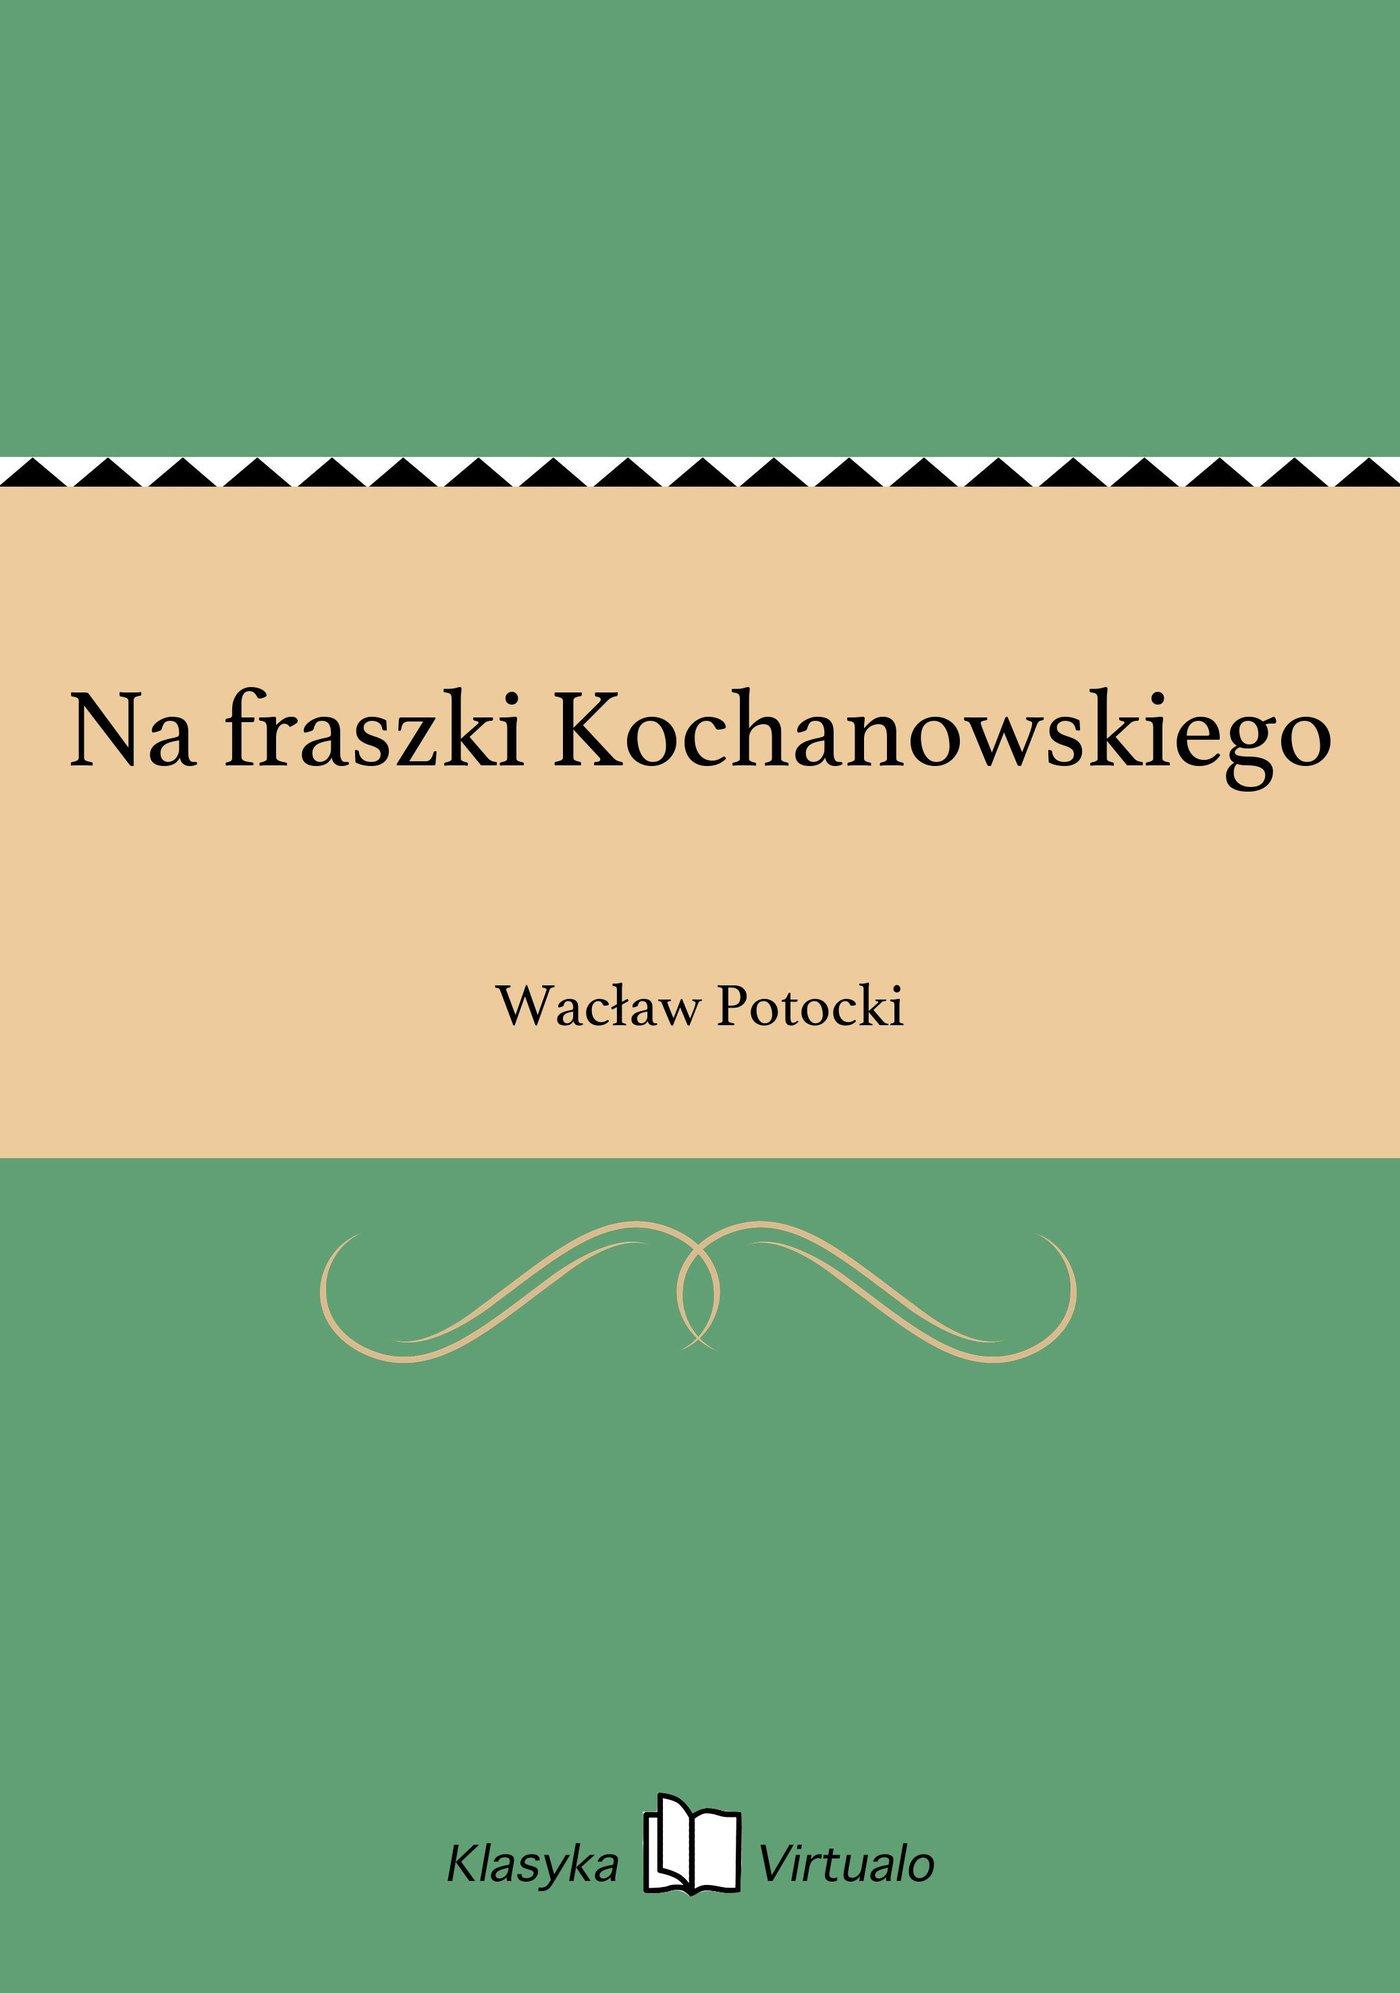 Na fraszki Kochanowskiego - Ebook (Książka EPUB) do pobrania w formacie EPUB